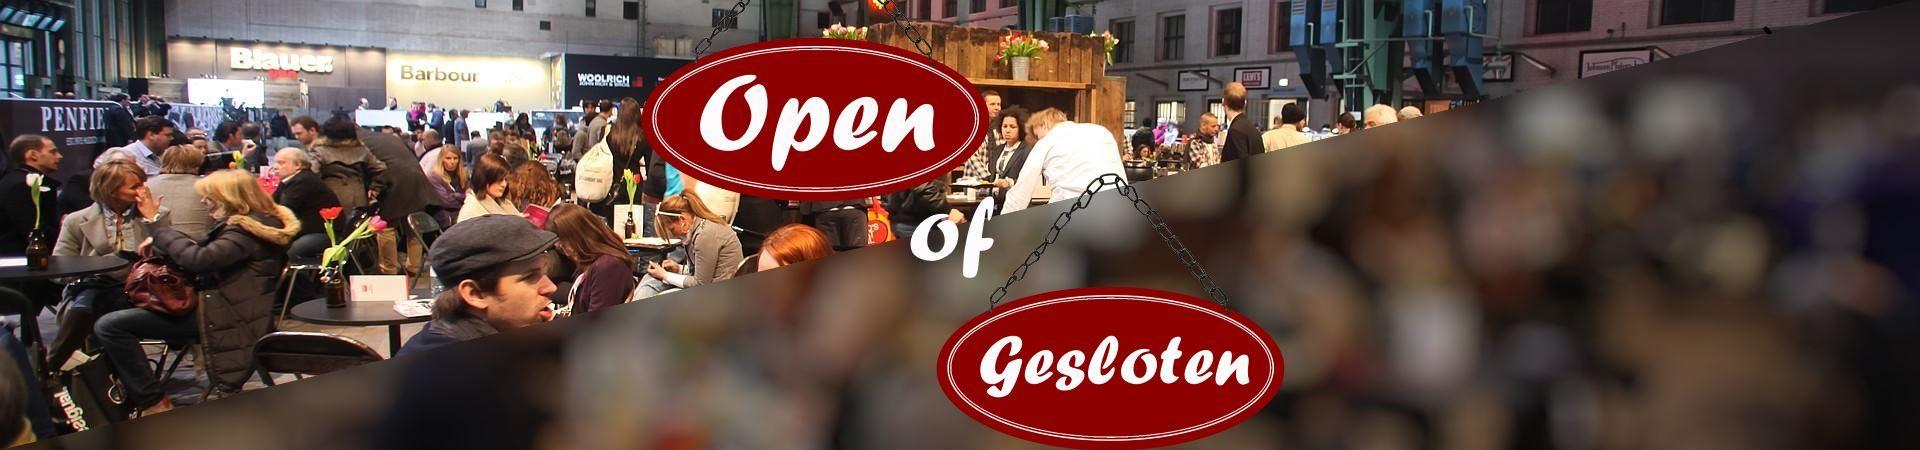 Is jouw Restaurant open of gesloten volgens Google? Zo kun je je openingstijden aanpassen.